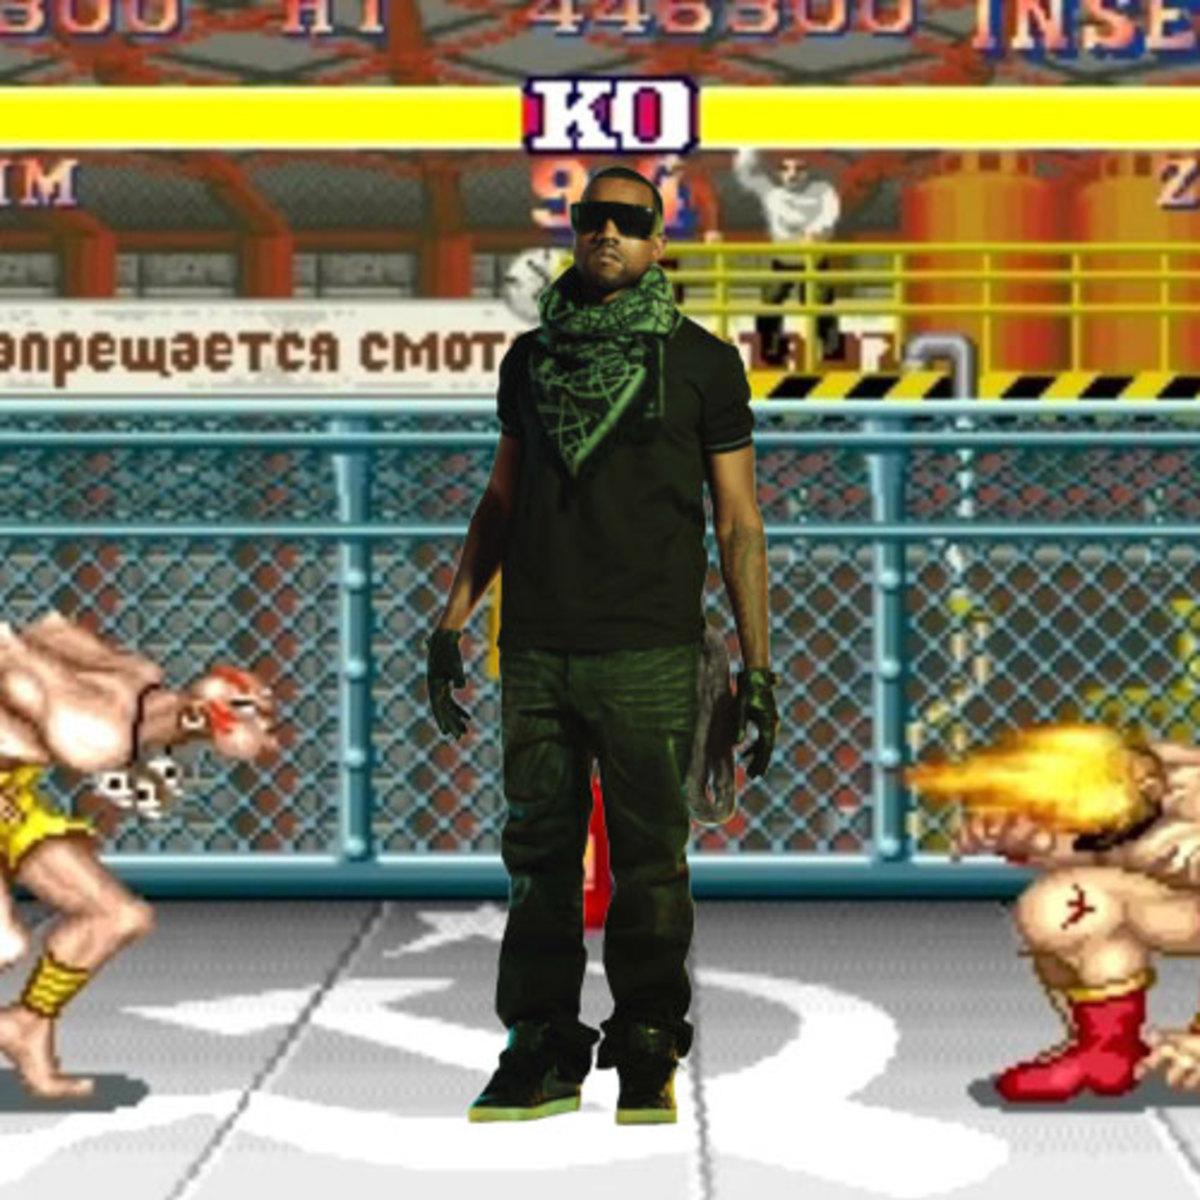 kanye-street-fighter.jpg